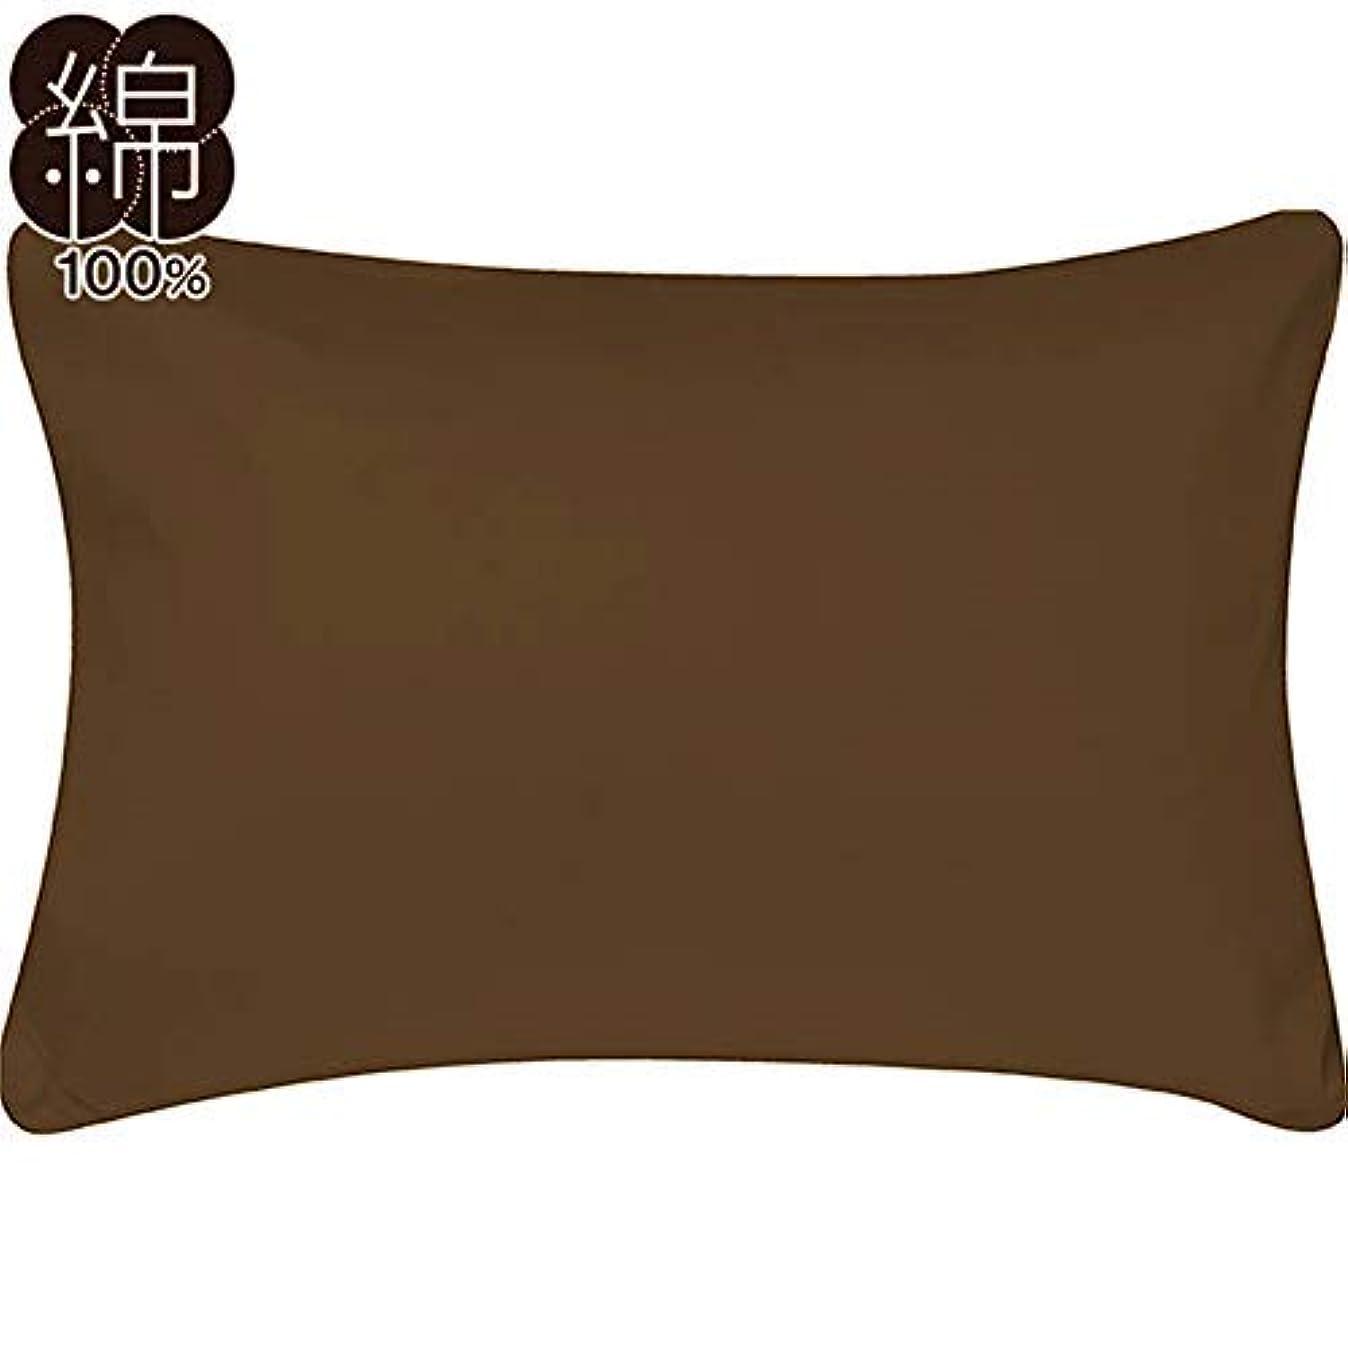 踏み台百万石化するAYO 枕カバー 高級棉100% 全サイズピローケース ホテル品質 13色選べる サテン織 300本高密度 防ダニ 抗菌 防臭 50x70cmサイズの枕に対応